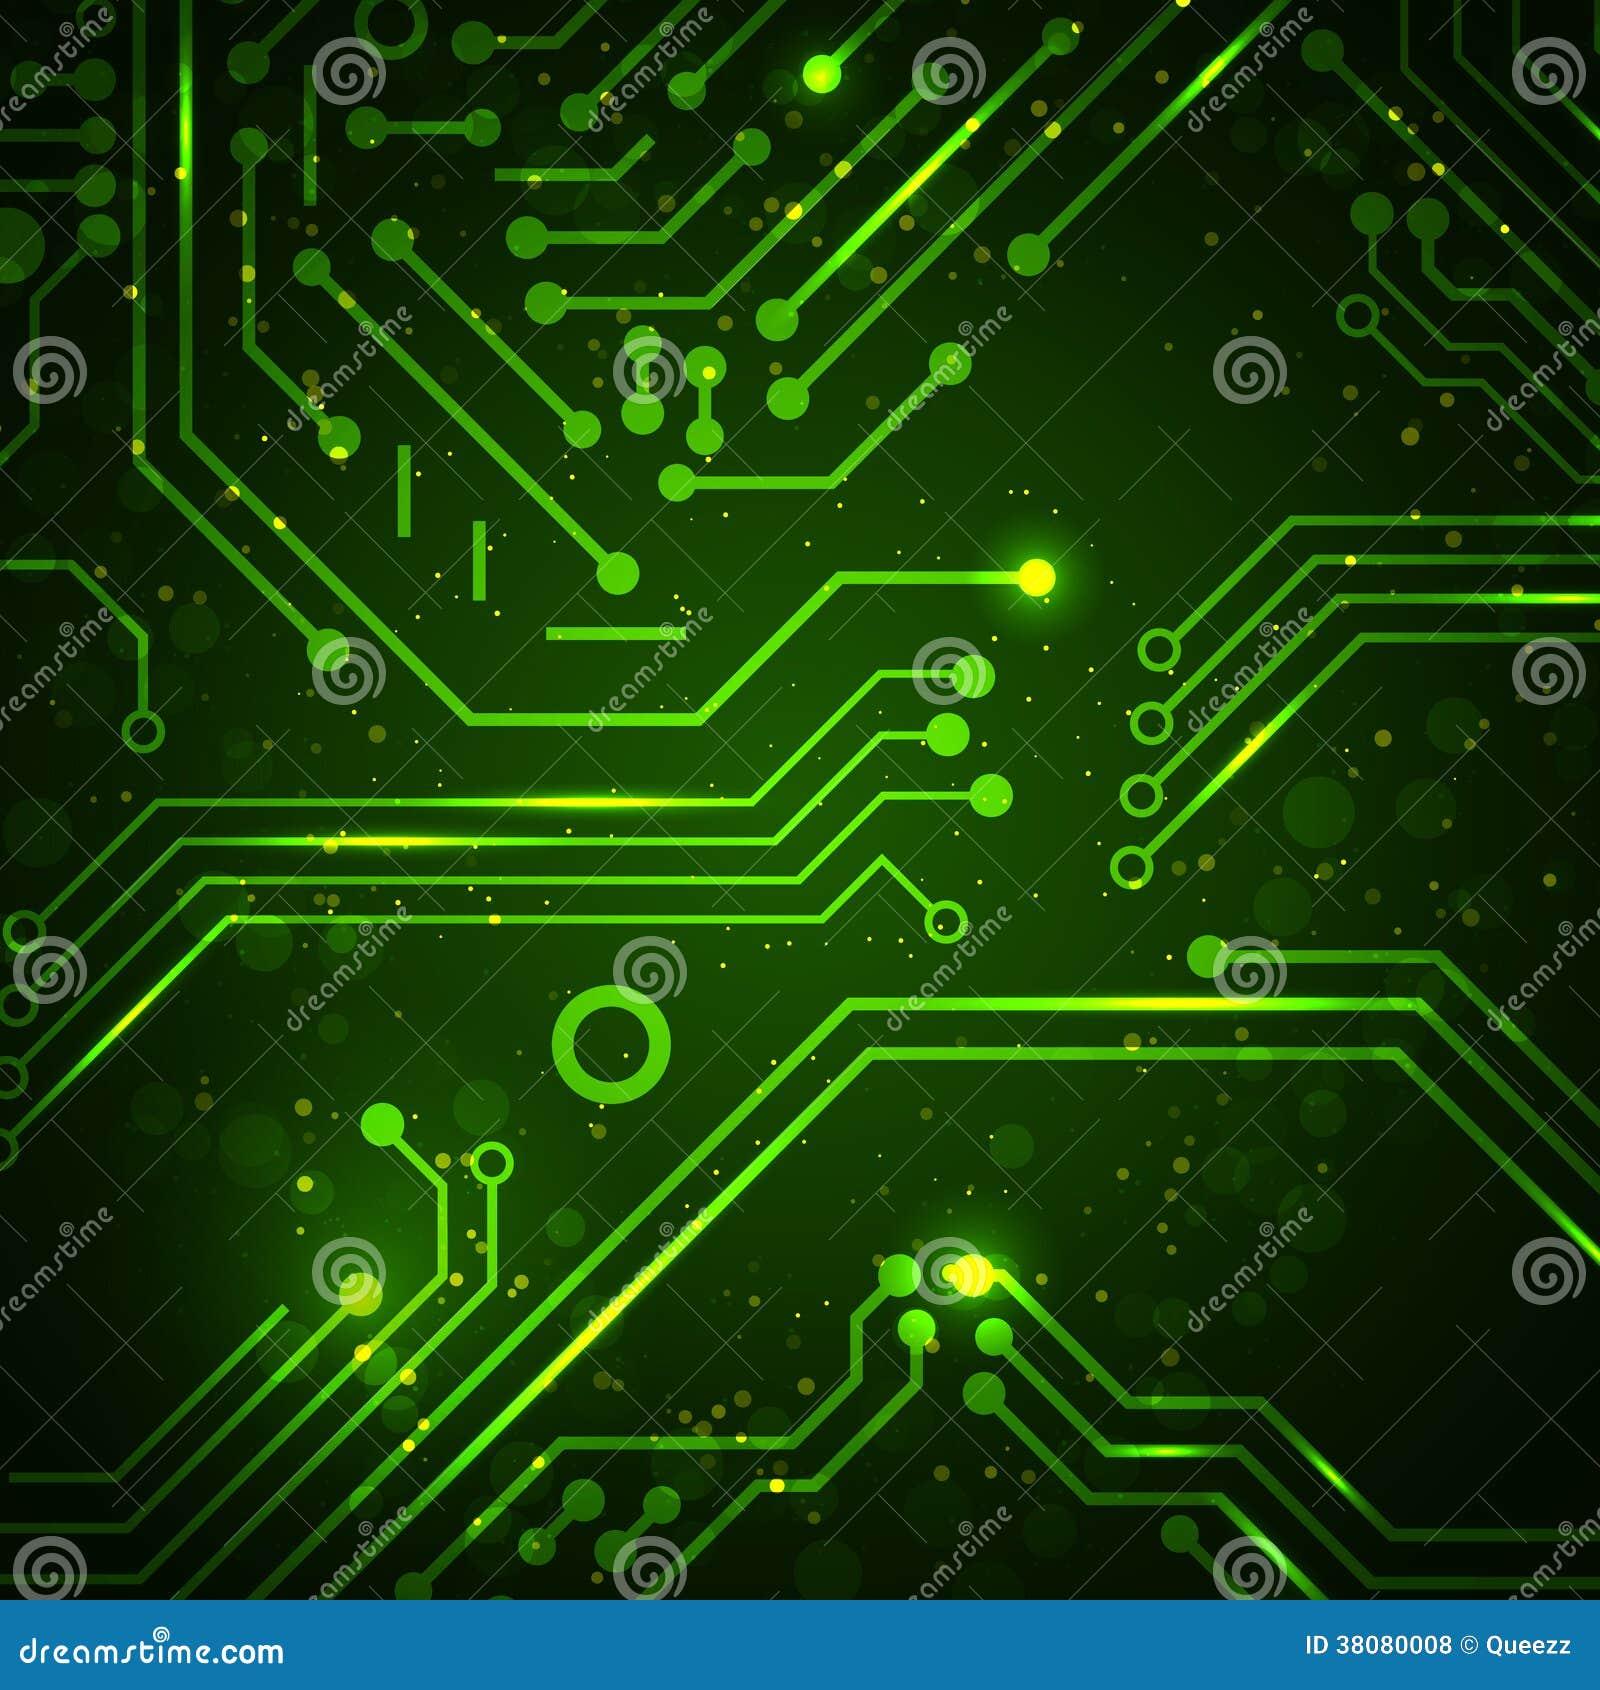 Circuito Hd : Circuito fondos de pantalla